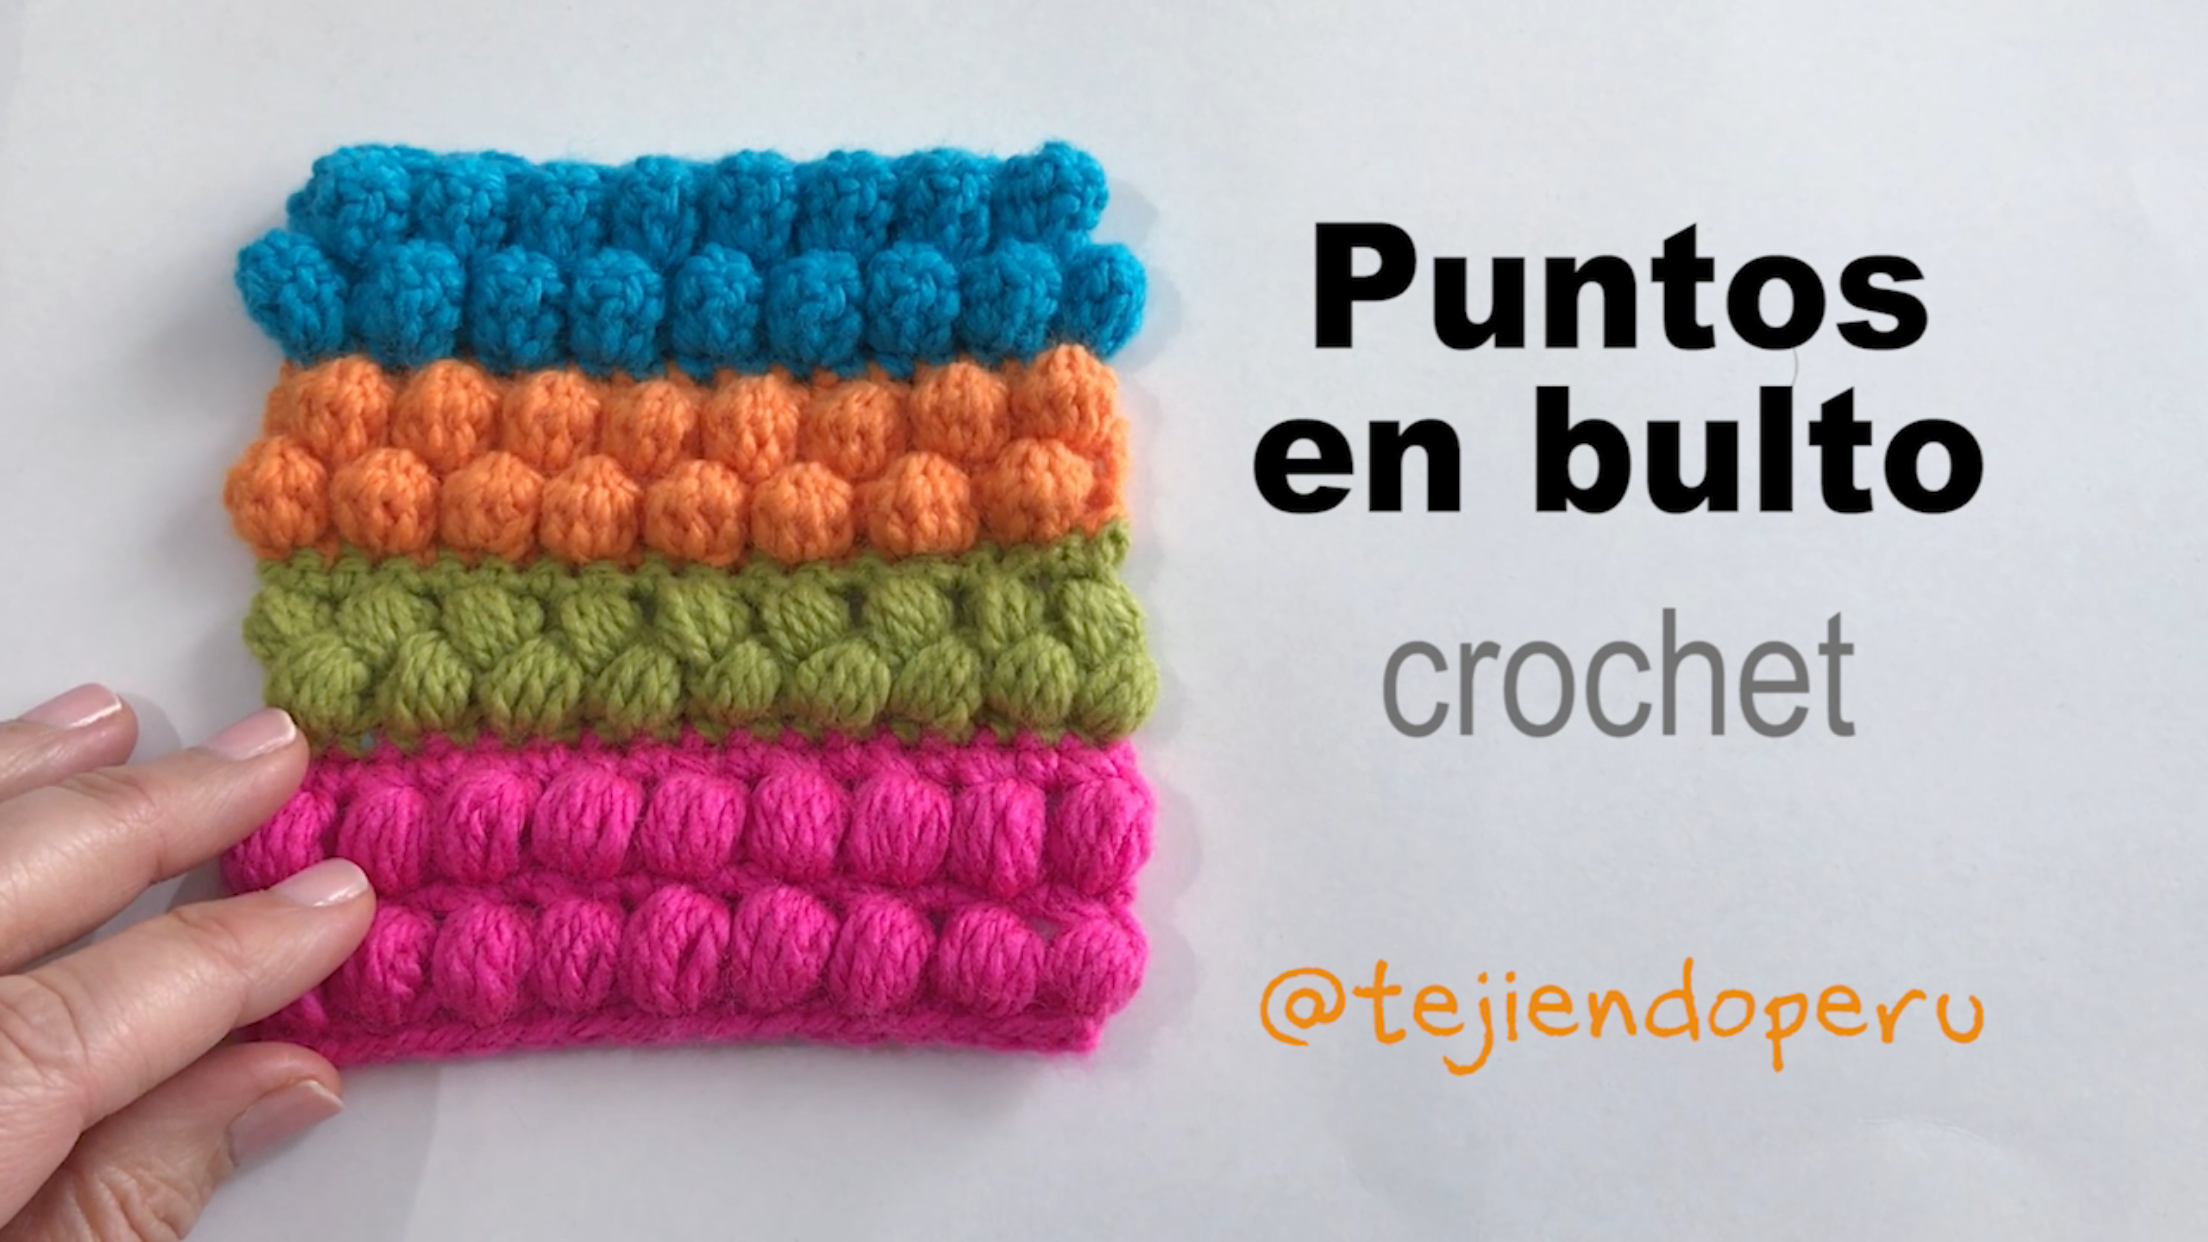 Puntos en bulto a crochet: puff, frijol, piña y popcorn. Todos en un ...